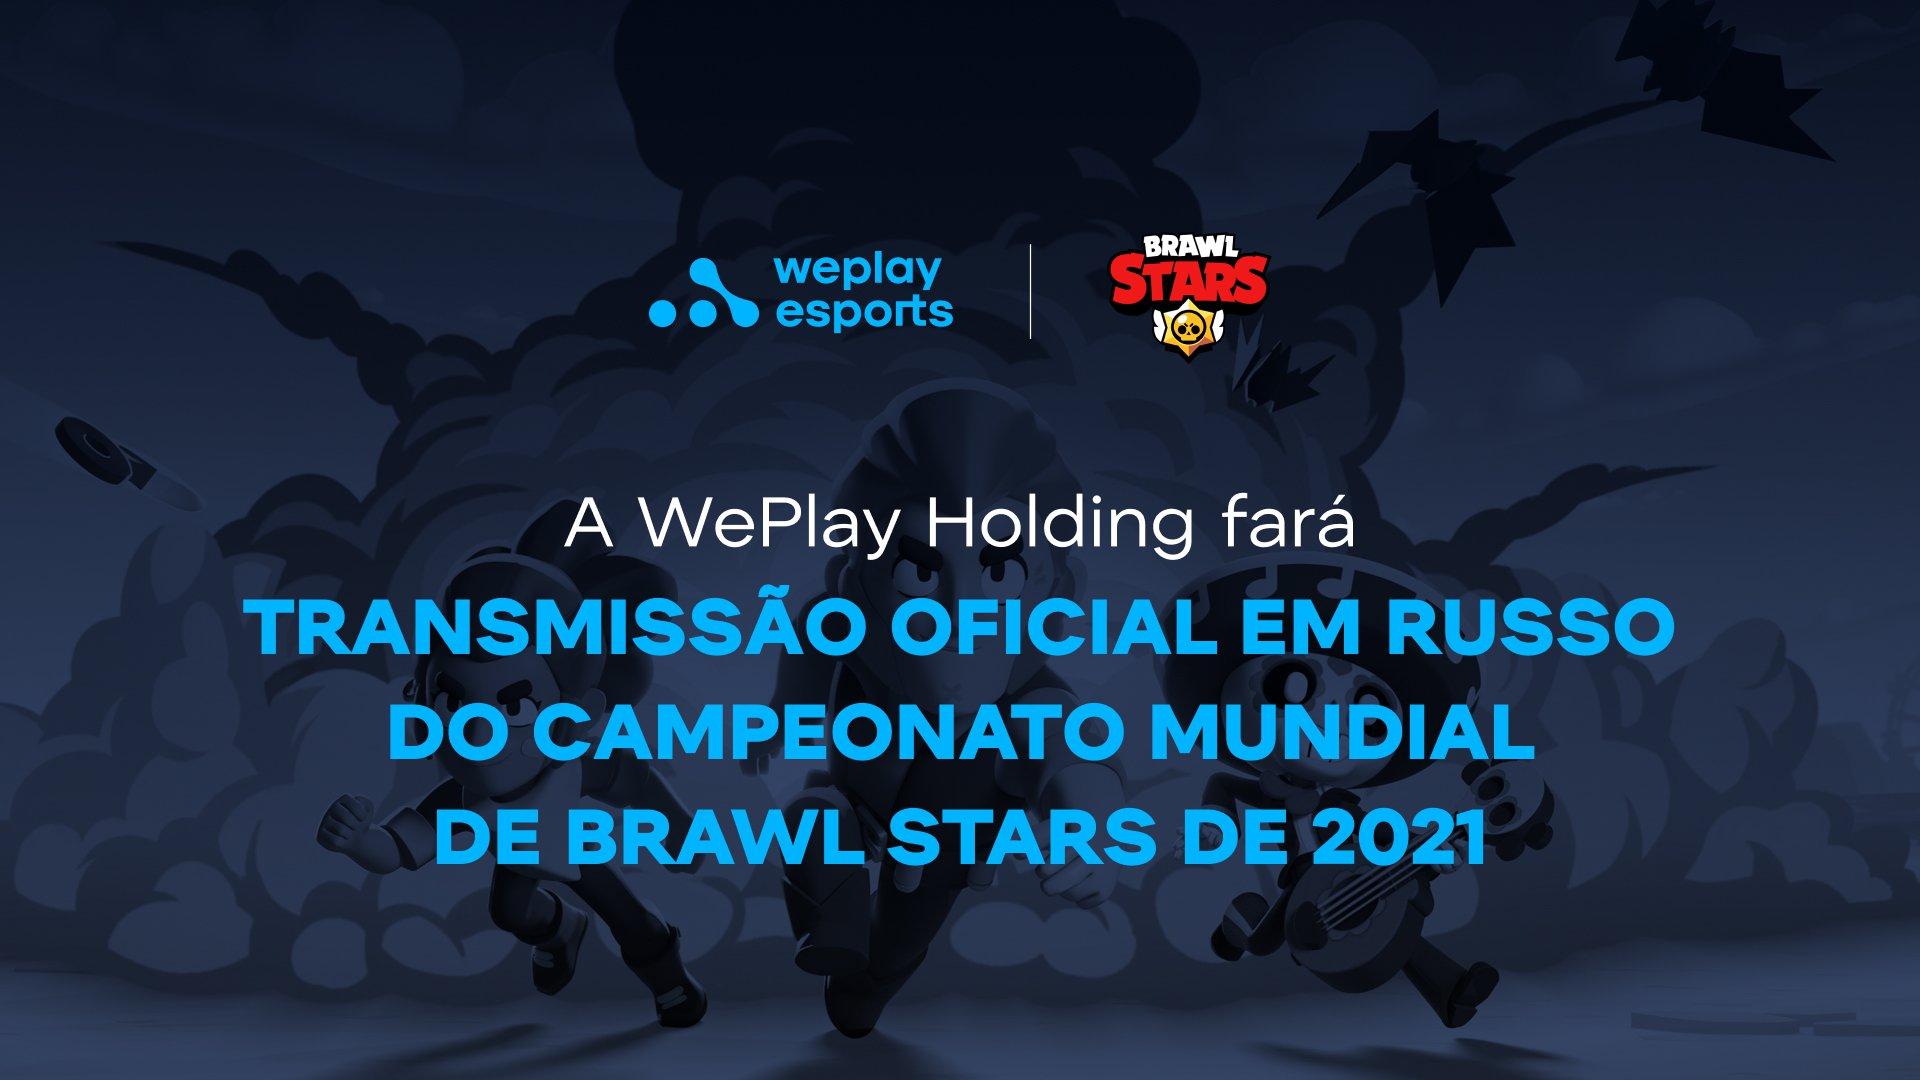 A WePlay Holding fará a transmissão em russo dos torneios de Brawl Stars realizados pela Supercell. Imagem: WePlay Holding